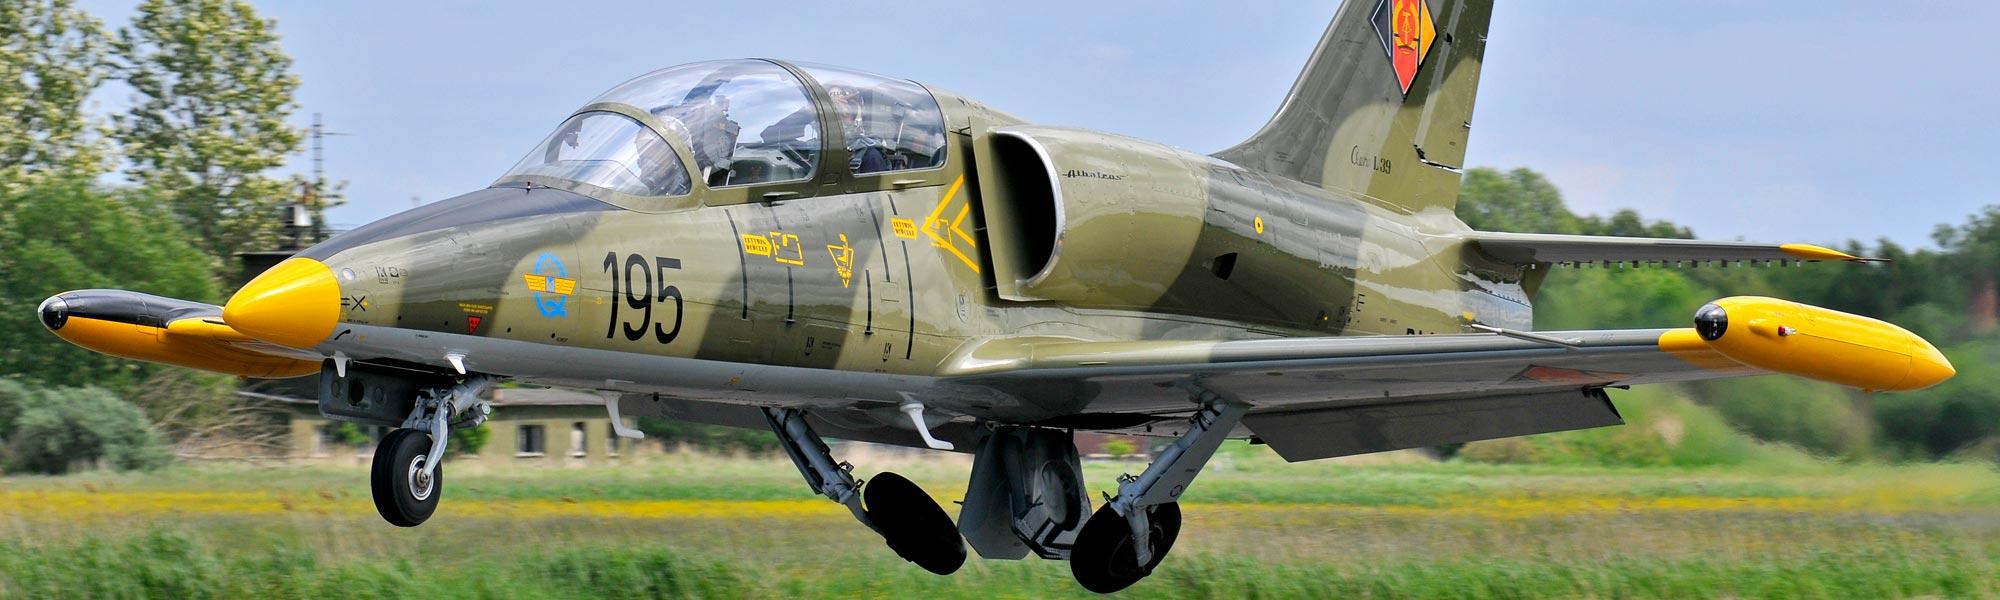 L-39 Albatros fliegen